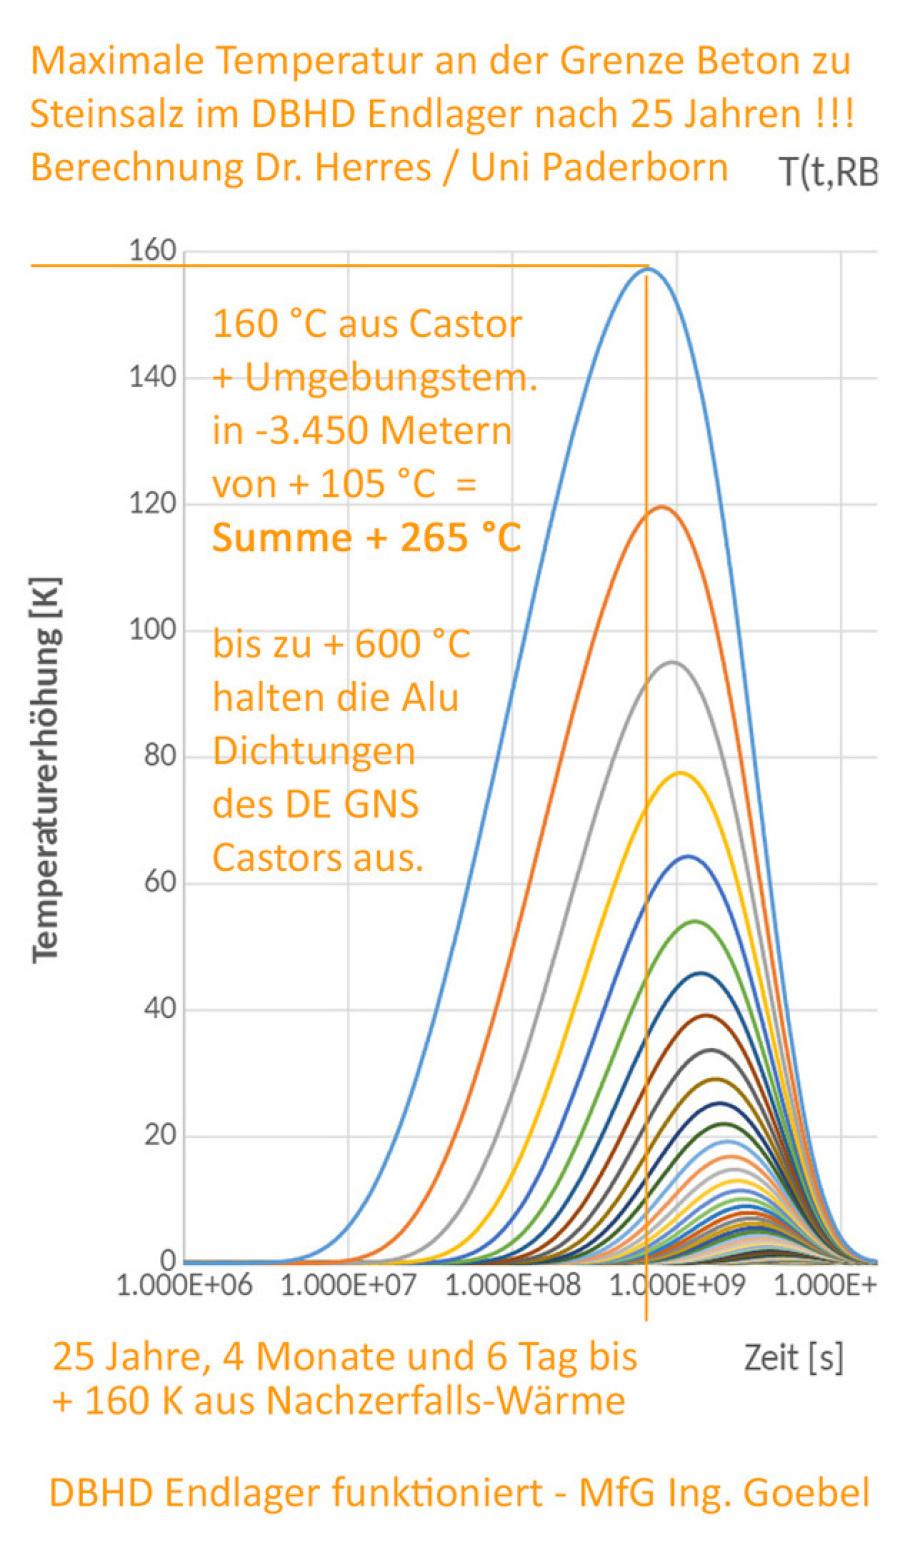 Temperatur-Maximum im DBHD Endlager ist nach etwa 25 Jahren zu erwarten südl_Kröpelin_Glasin_Retschow_Heiligenhagen_Züsow_Madsow_  Neuburg_Steinhausen_Jürgenshagen_Jabelitz_Bernitt_Babst